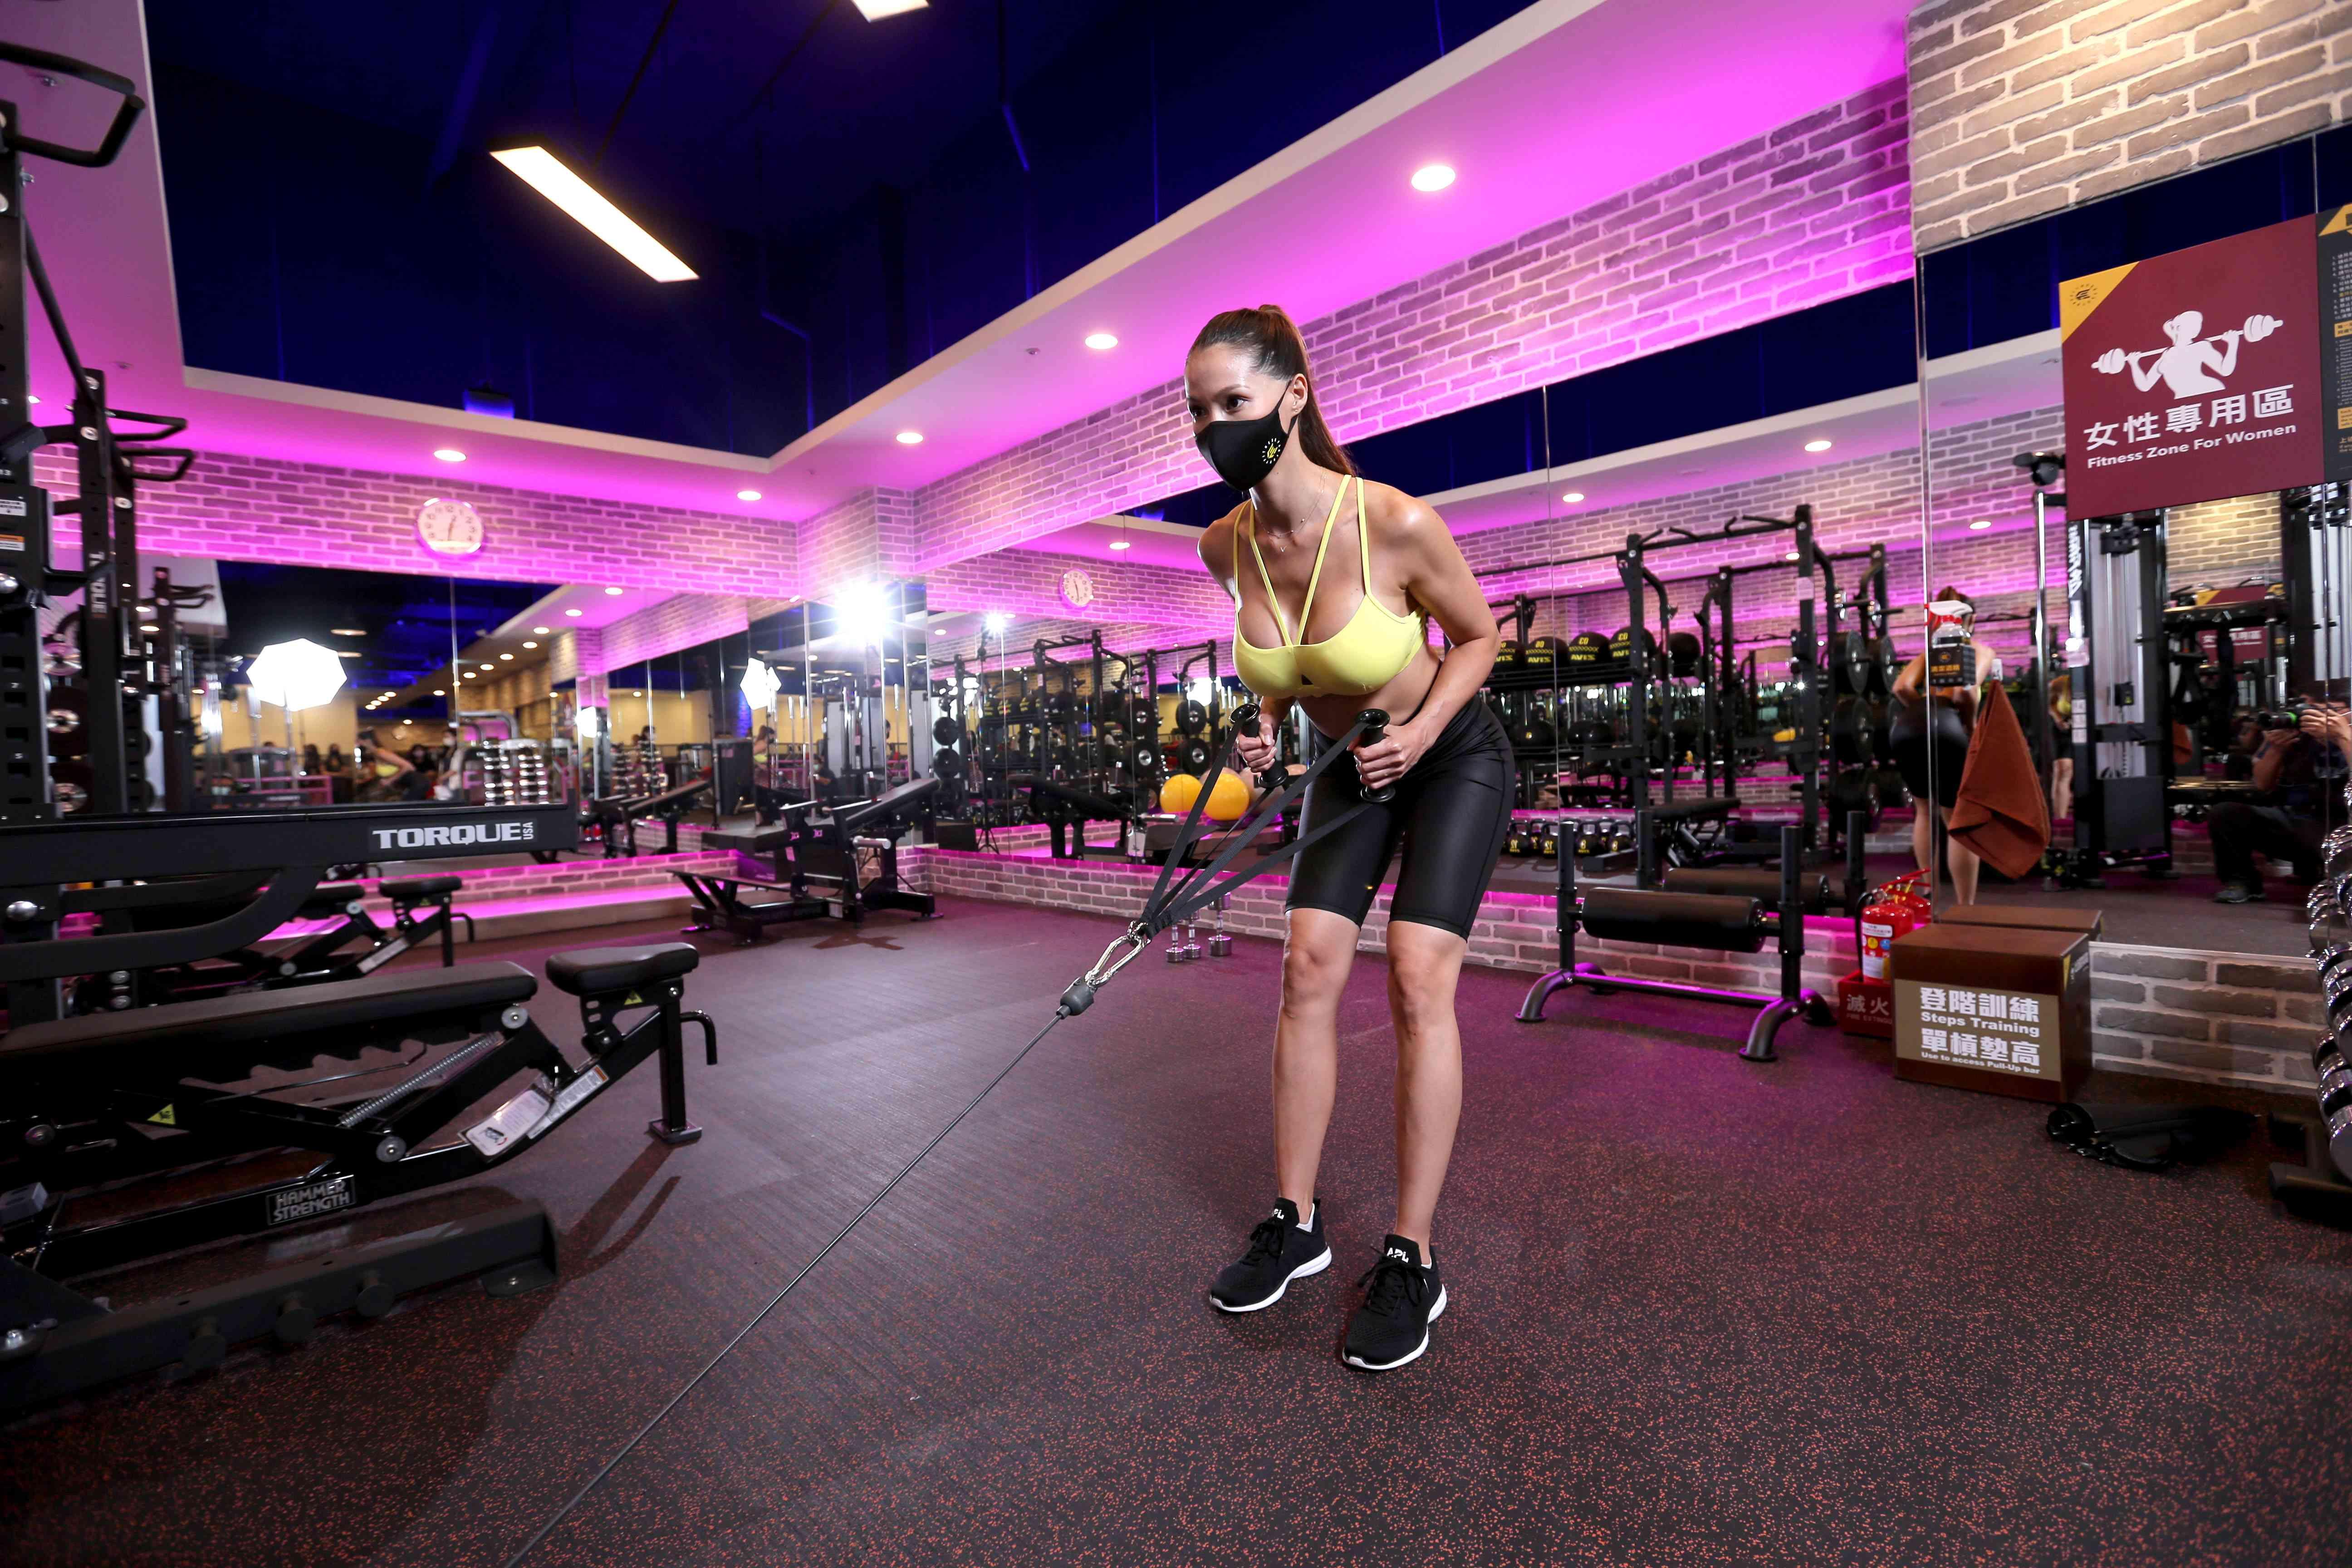 圖說:健身工廠為女性會員打造「女性運動專區」,挑選適合女性訓練的器材,期望帶給會員自在運動的美好體驗。